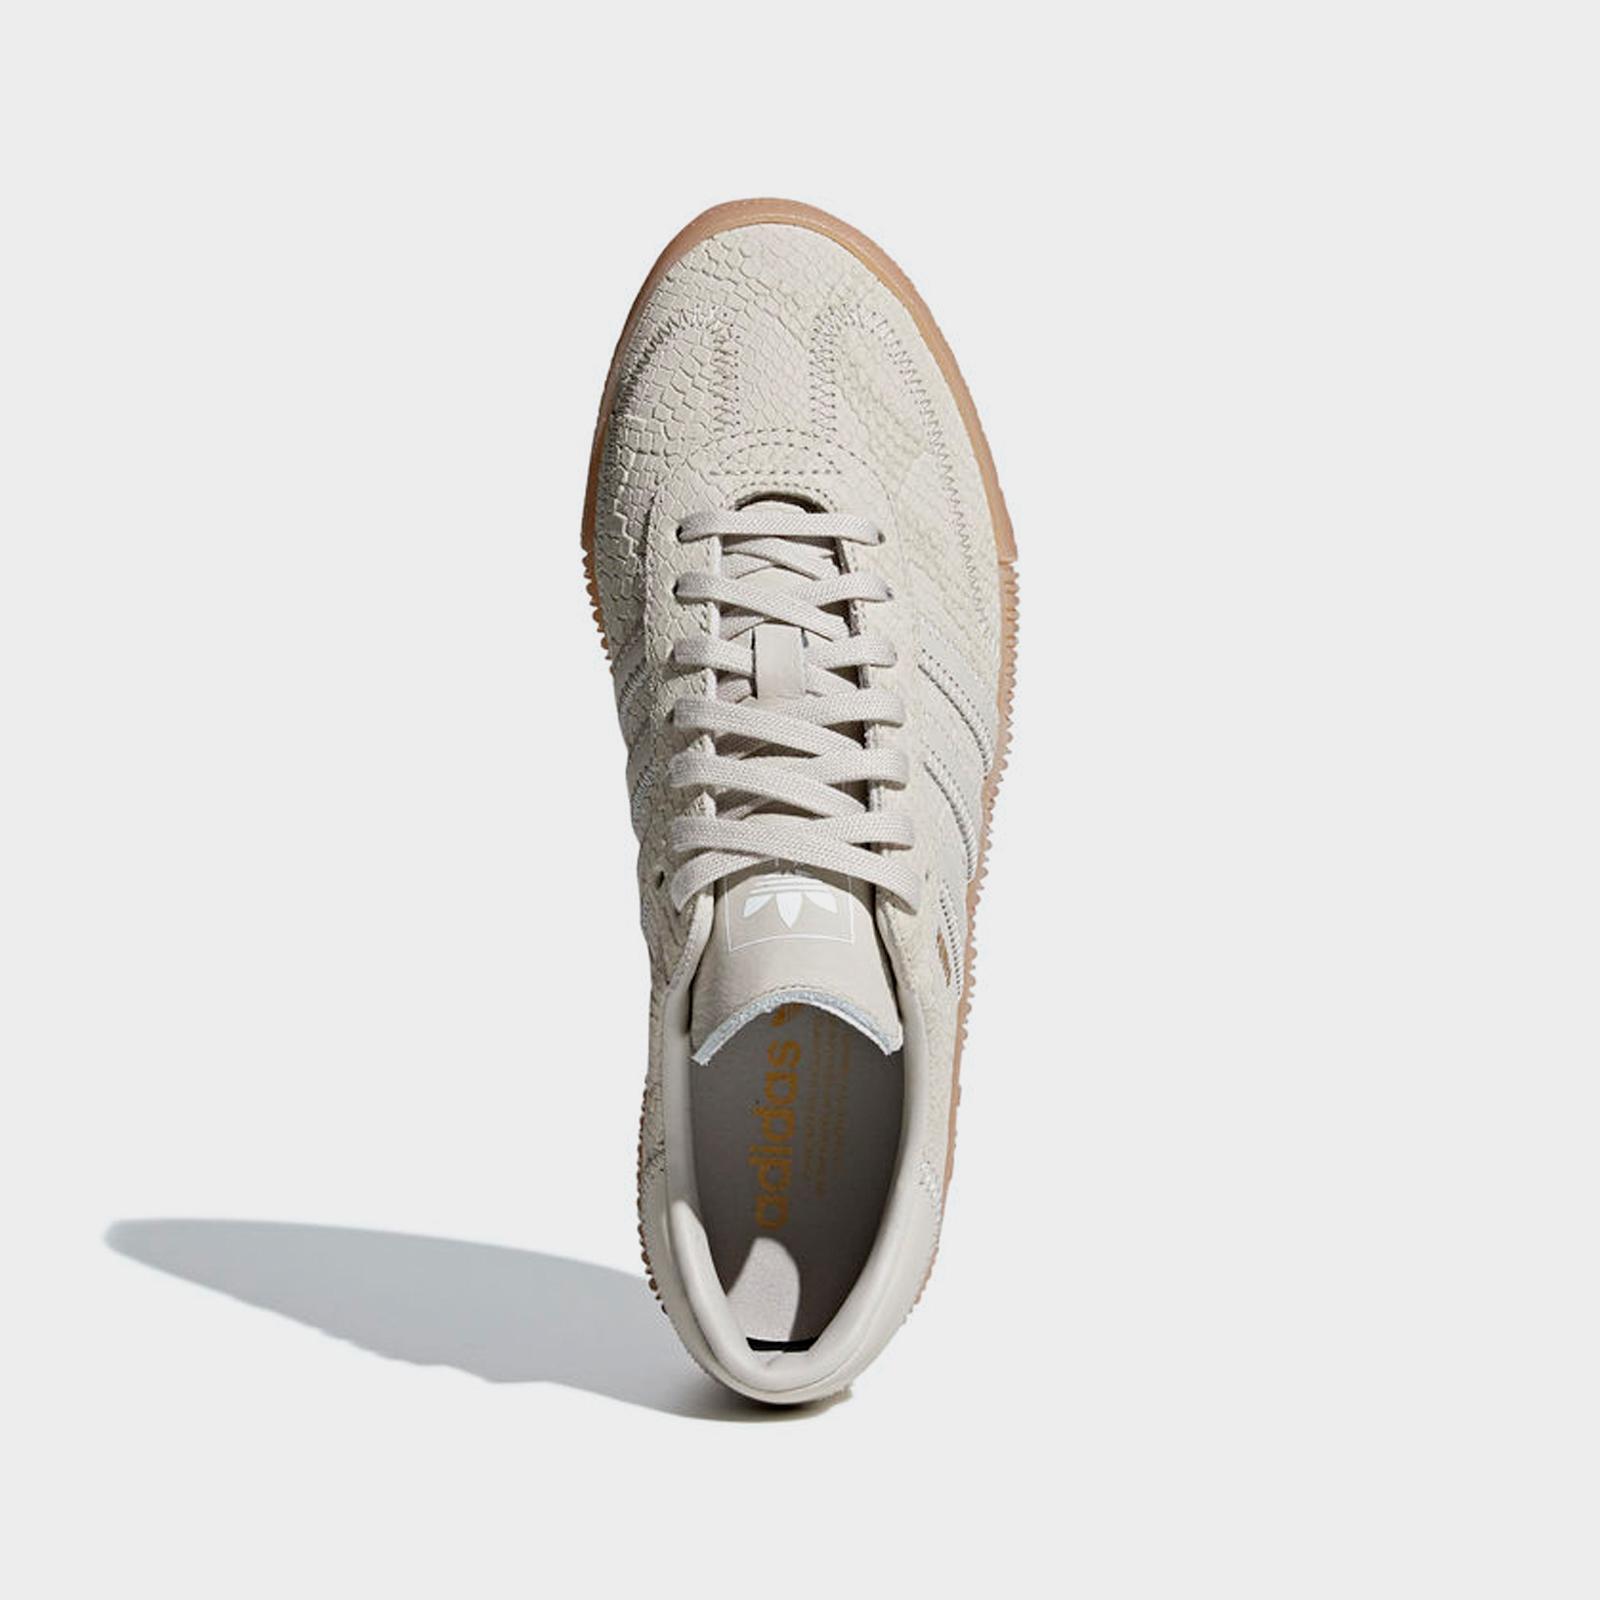 af93eca4117 adidas Originals Sambarose W adidas Originals Sambarose W ...